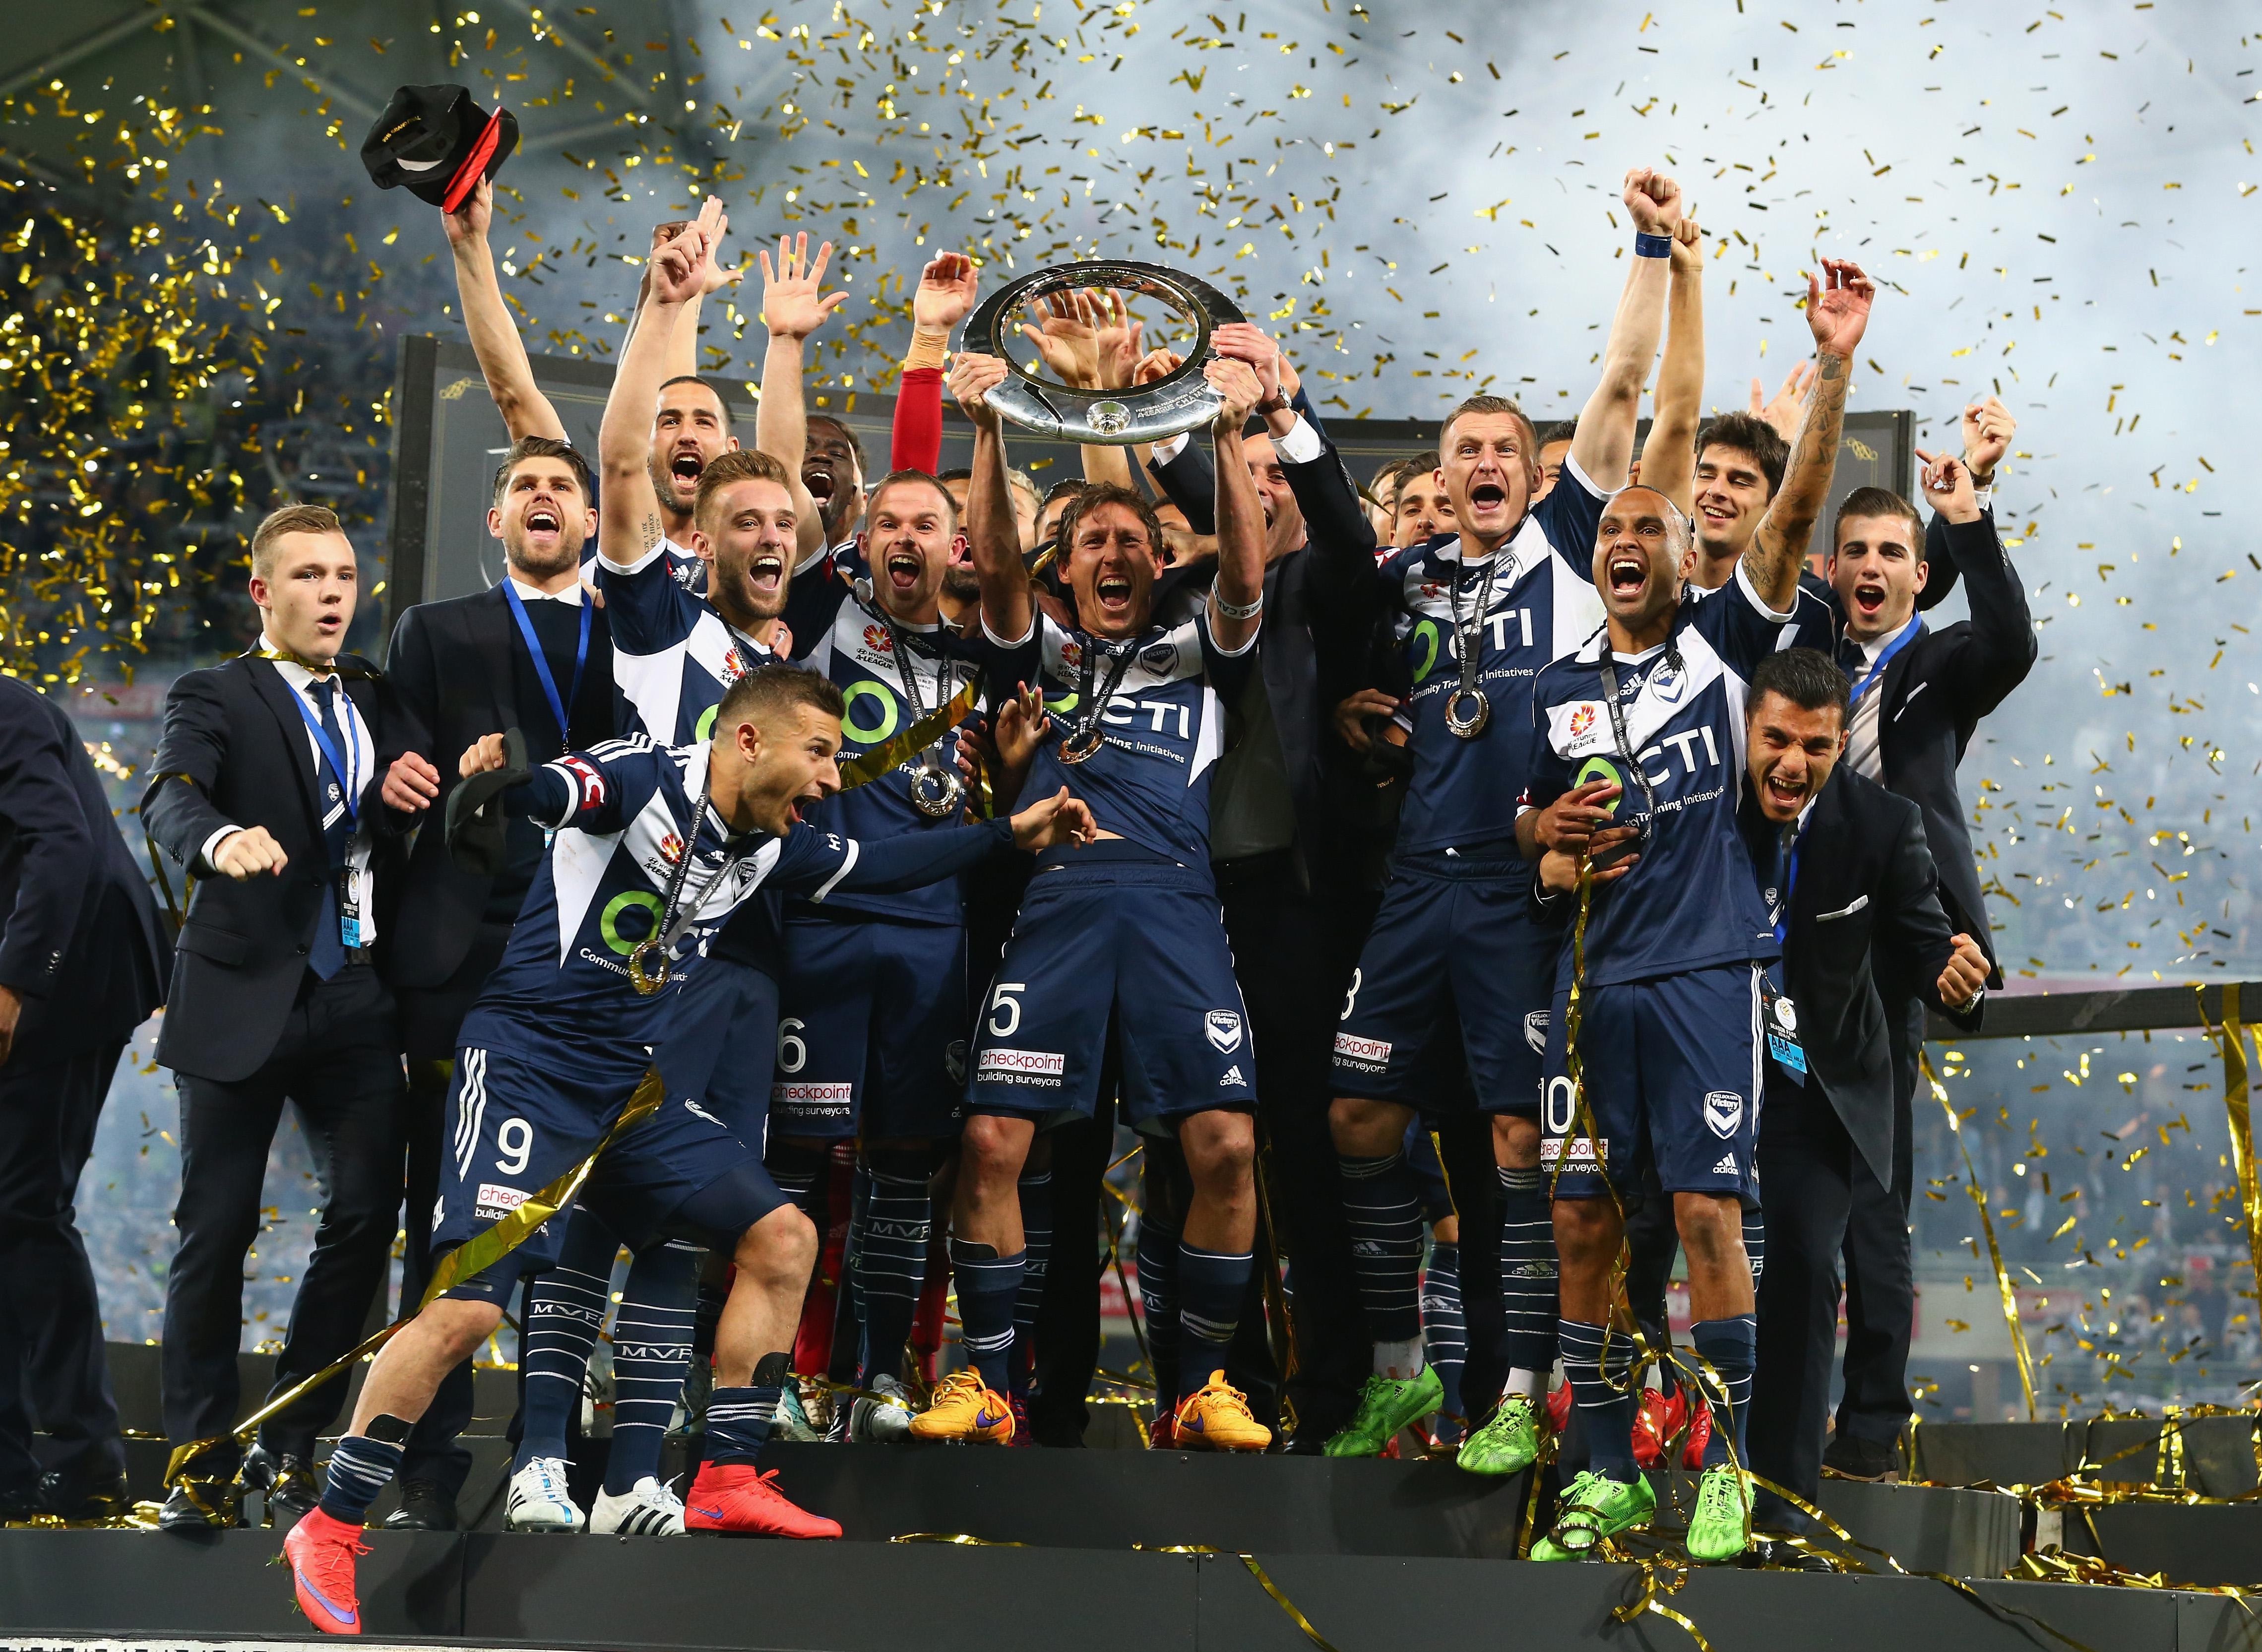 Nba Finals 2015 Tv Deutschland | All Basketball Scores Info